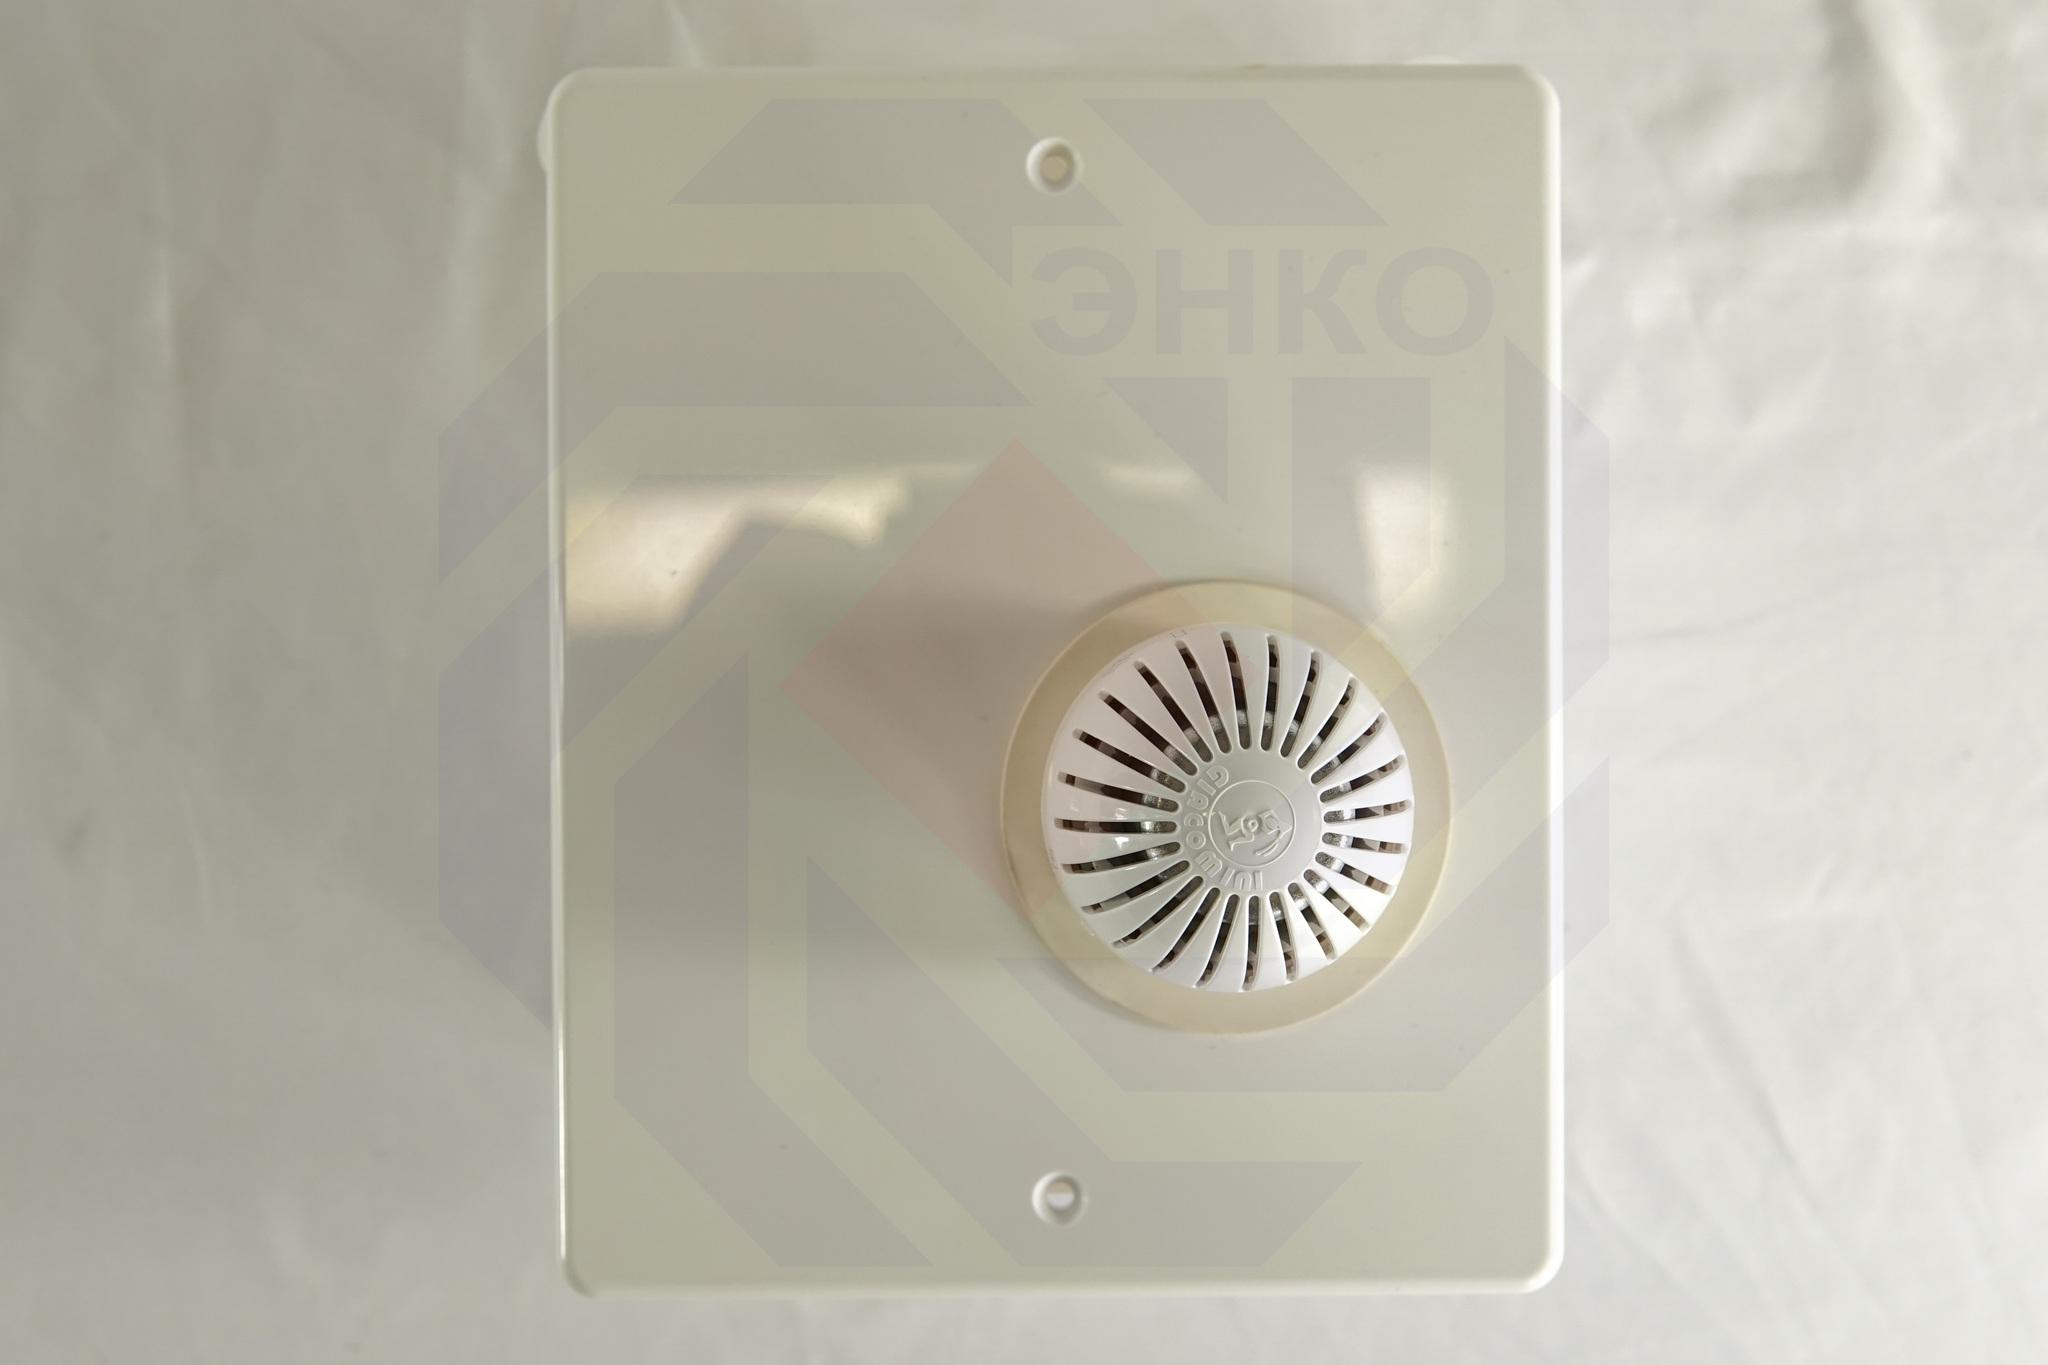 Регулятор температуры для теплых полов GIACOMINI R508K